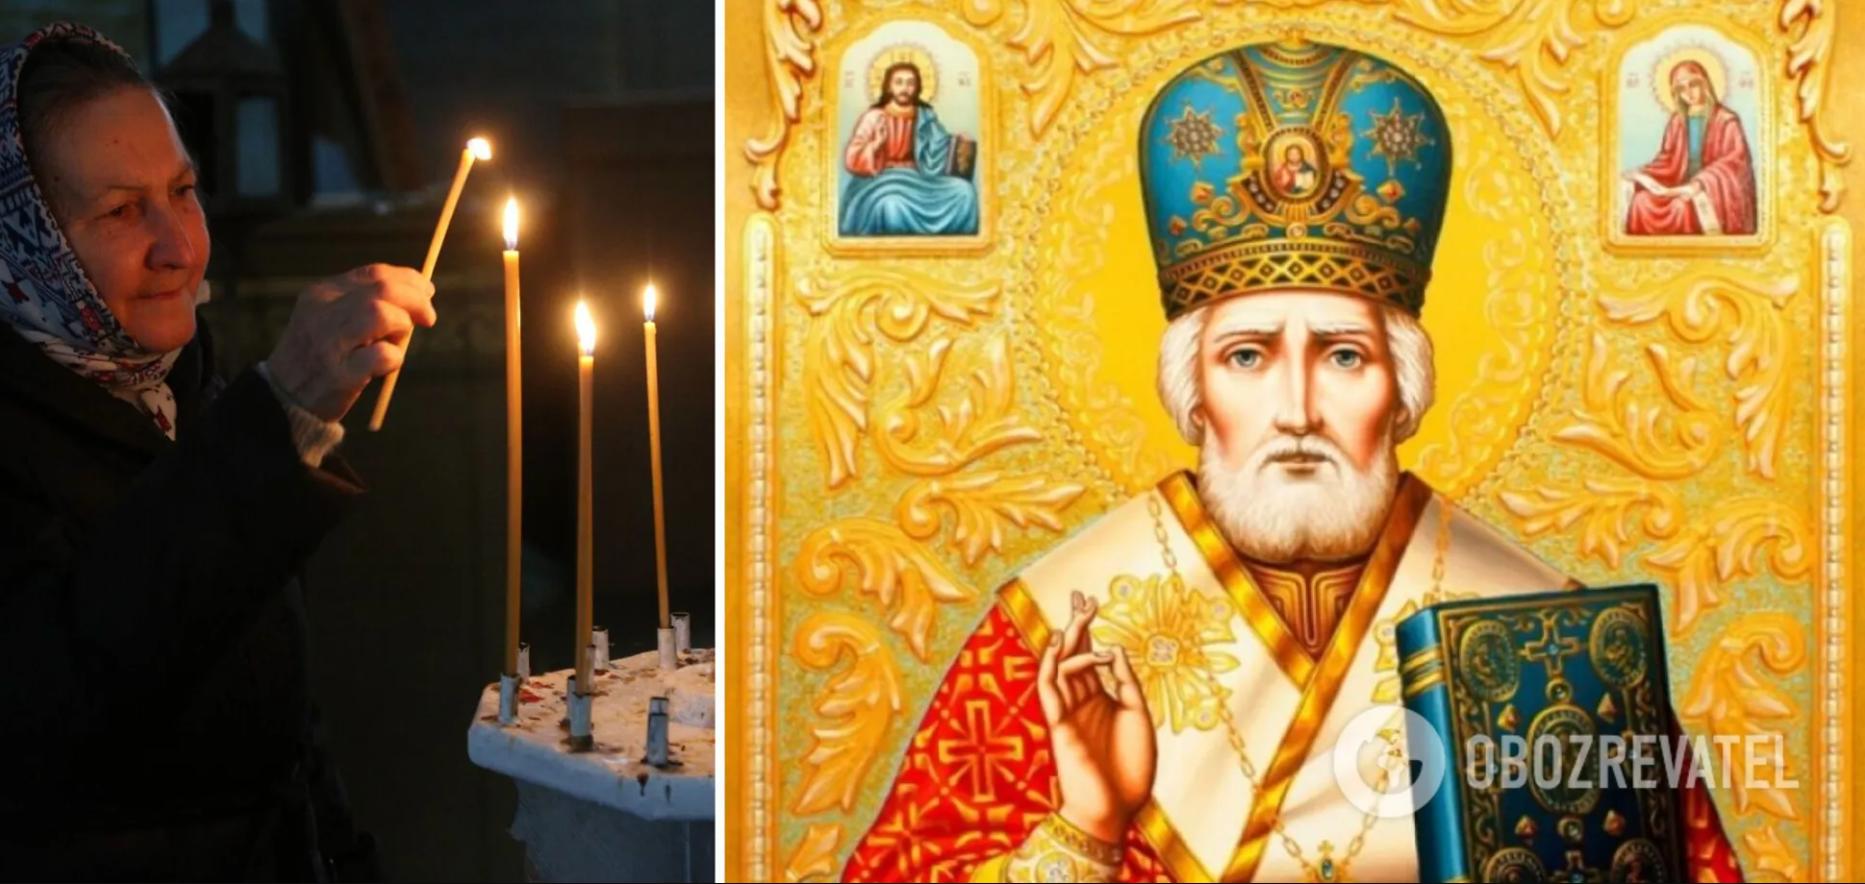 Люди верят, что святой Николай особенно приближен к Богу, поэтому с молитвами к нему обращаются только в самых трудных ситуациях